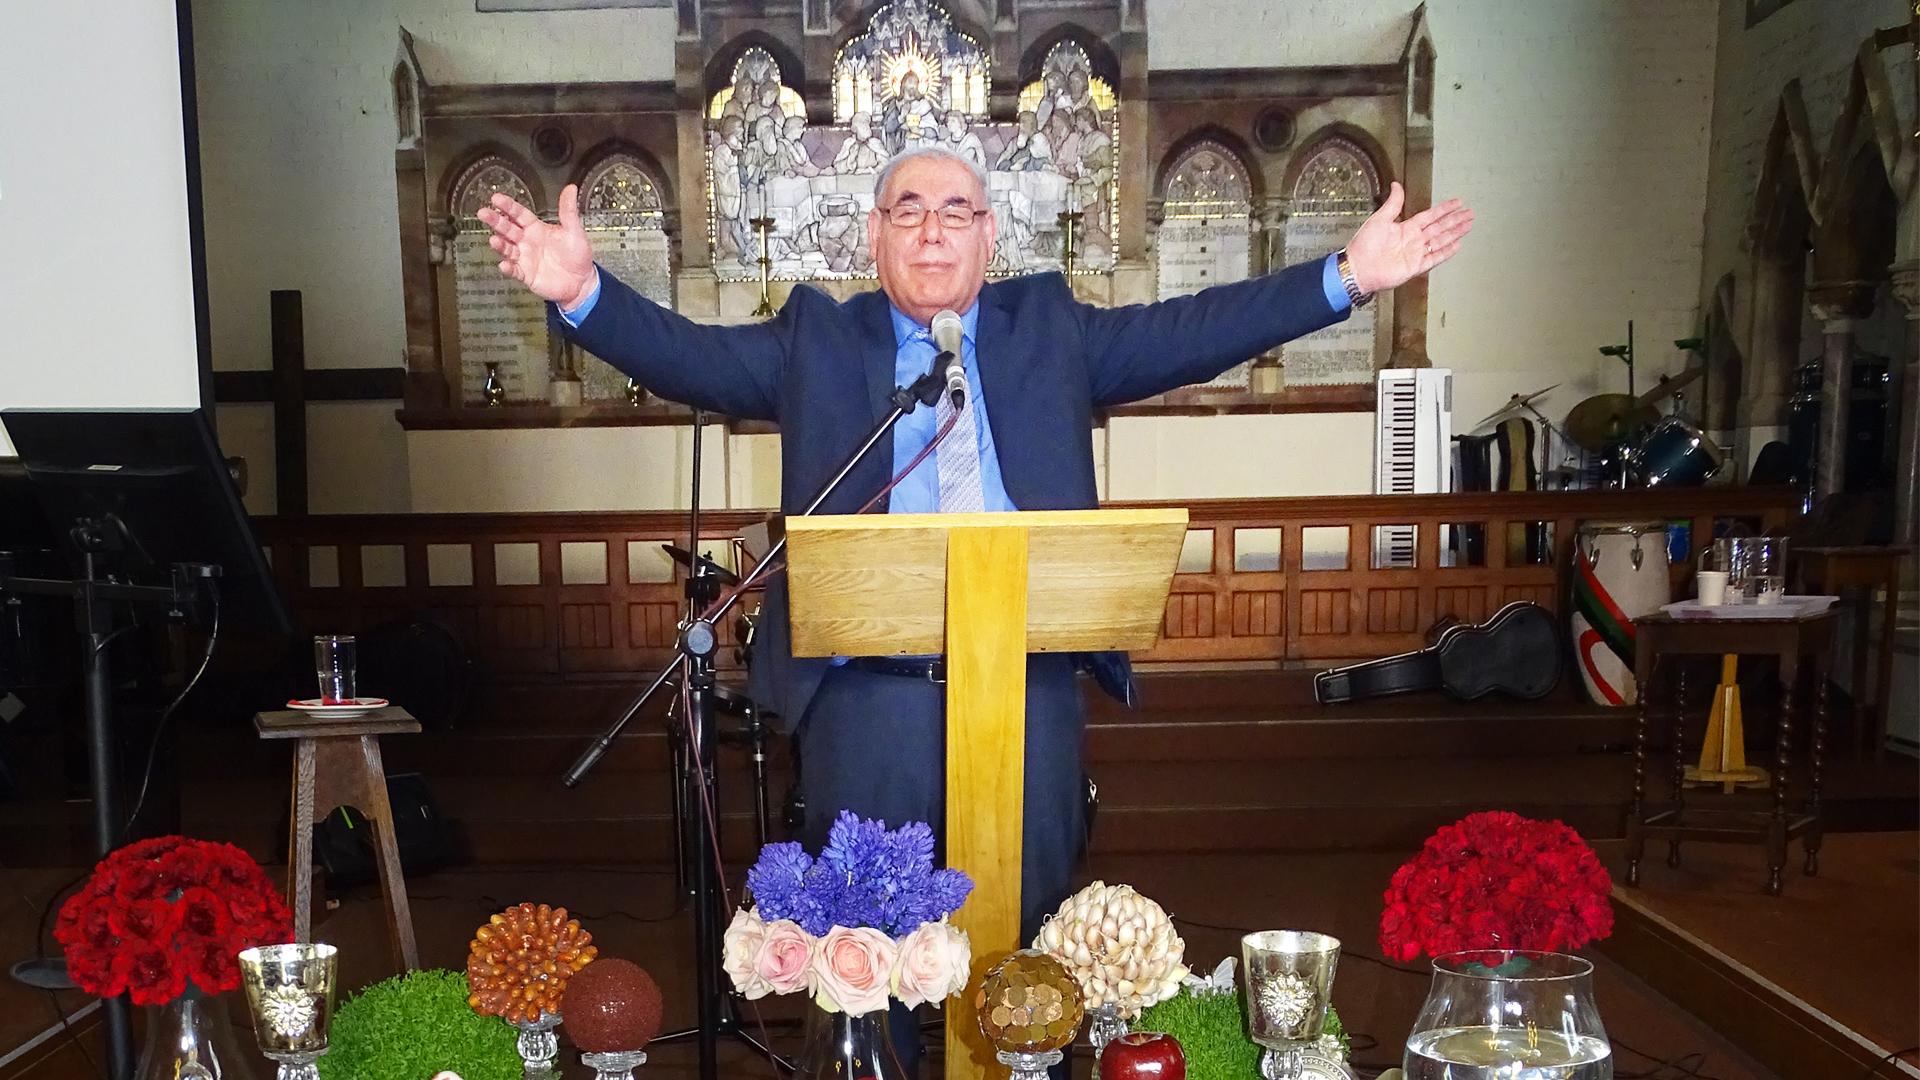 مصاحبه با کشیش ادوارد هوسپیان مهر